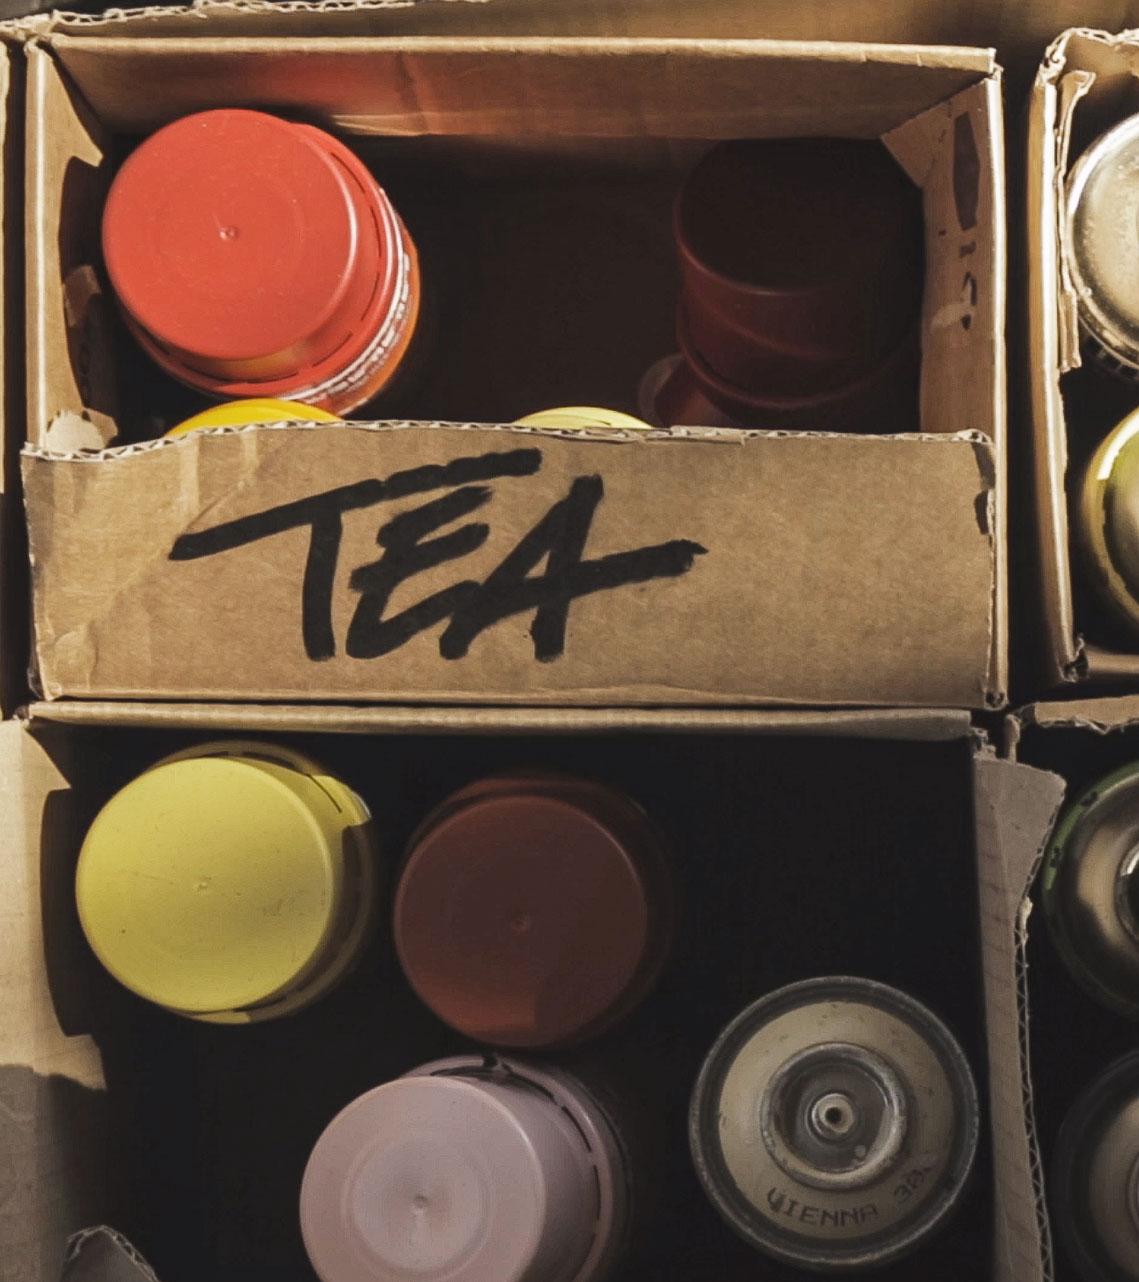 Mr Tea One graffiti cans in box